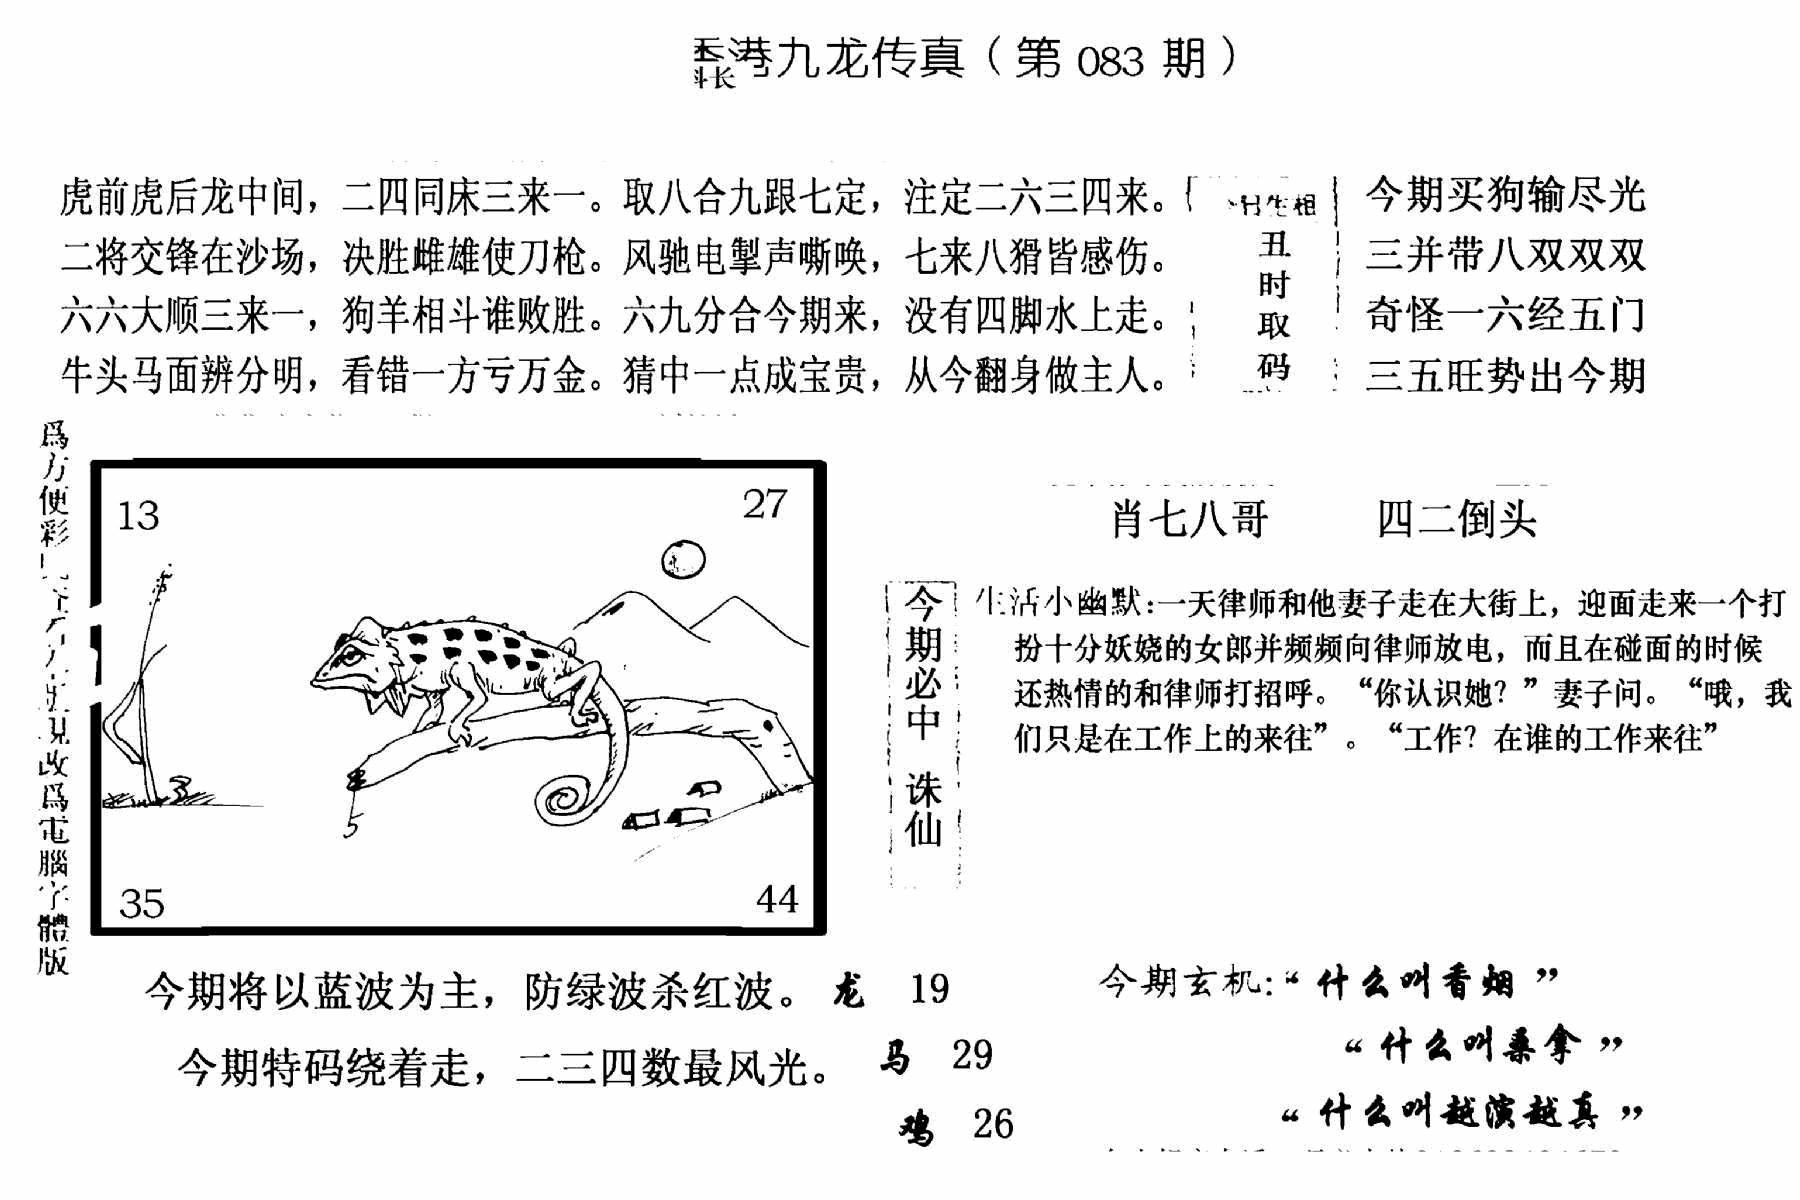 083期手写九龙内幕(电脑版)(黑白)